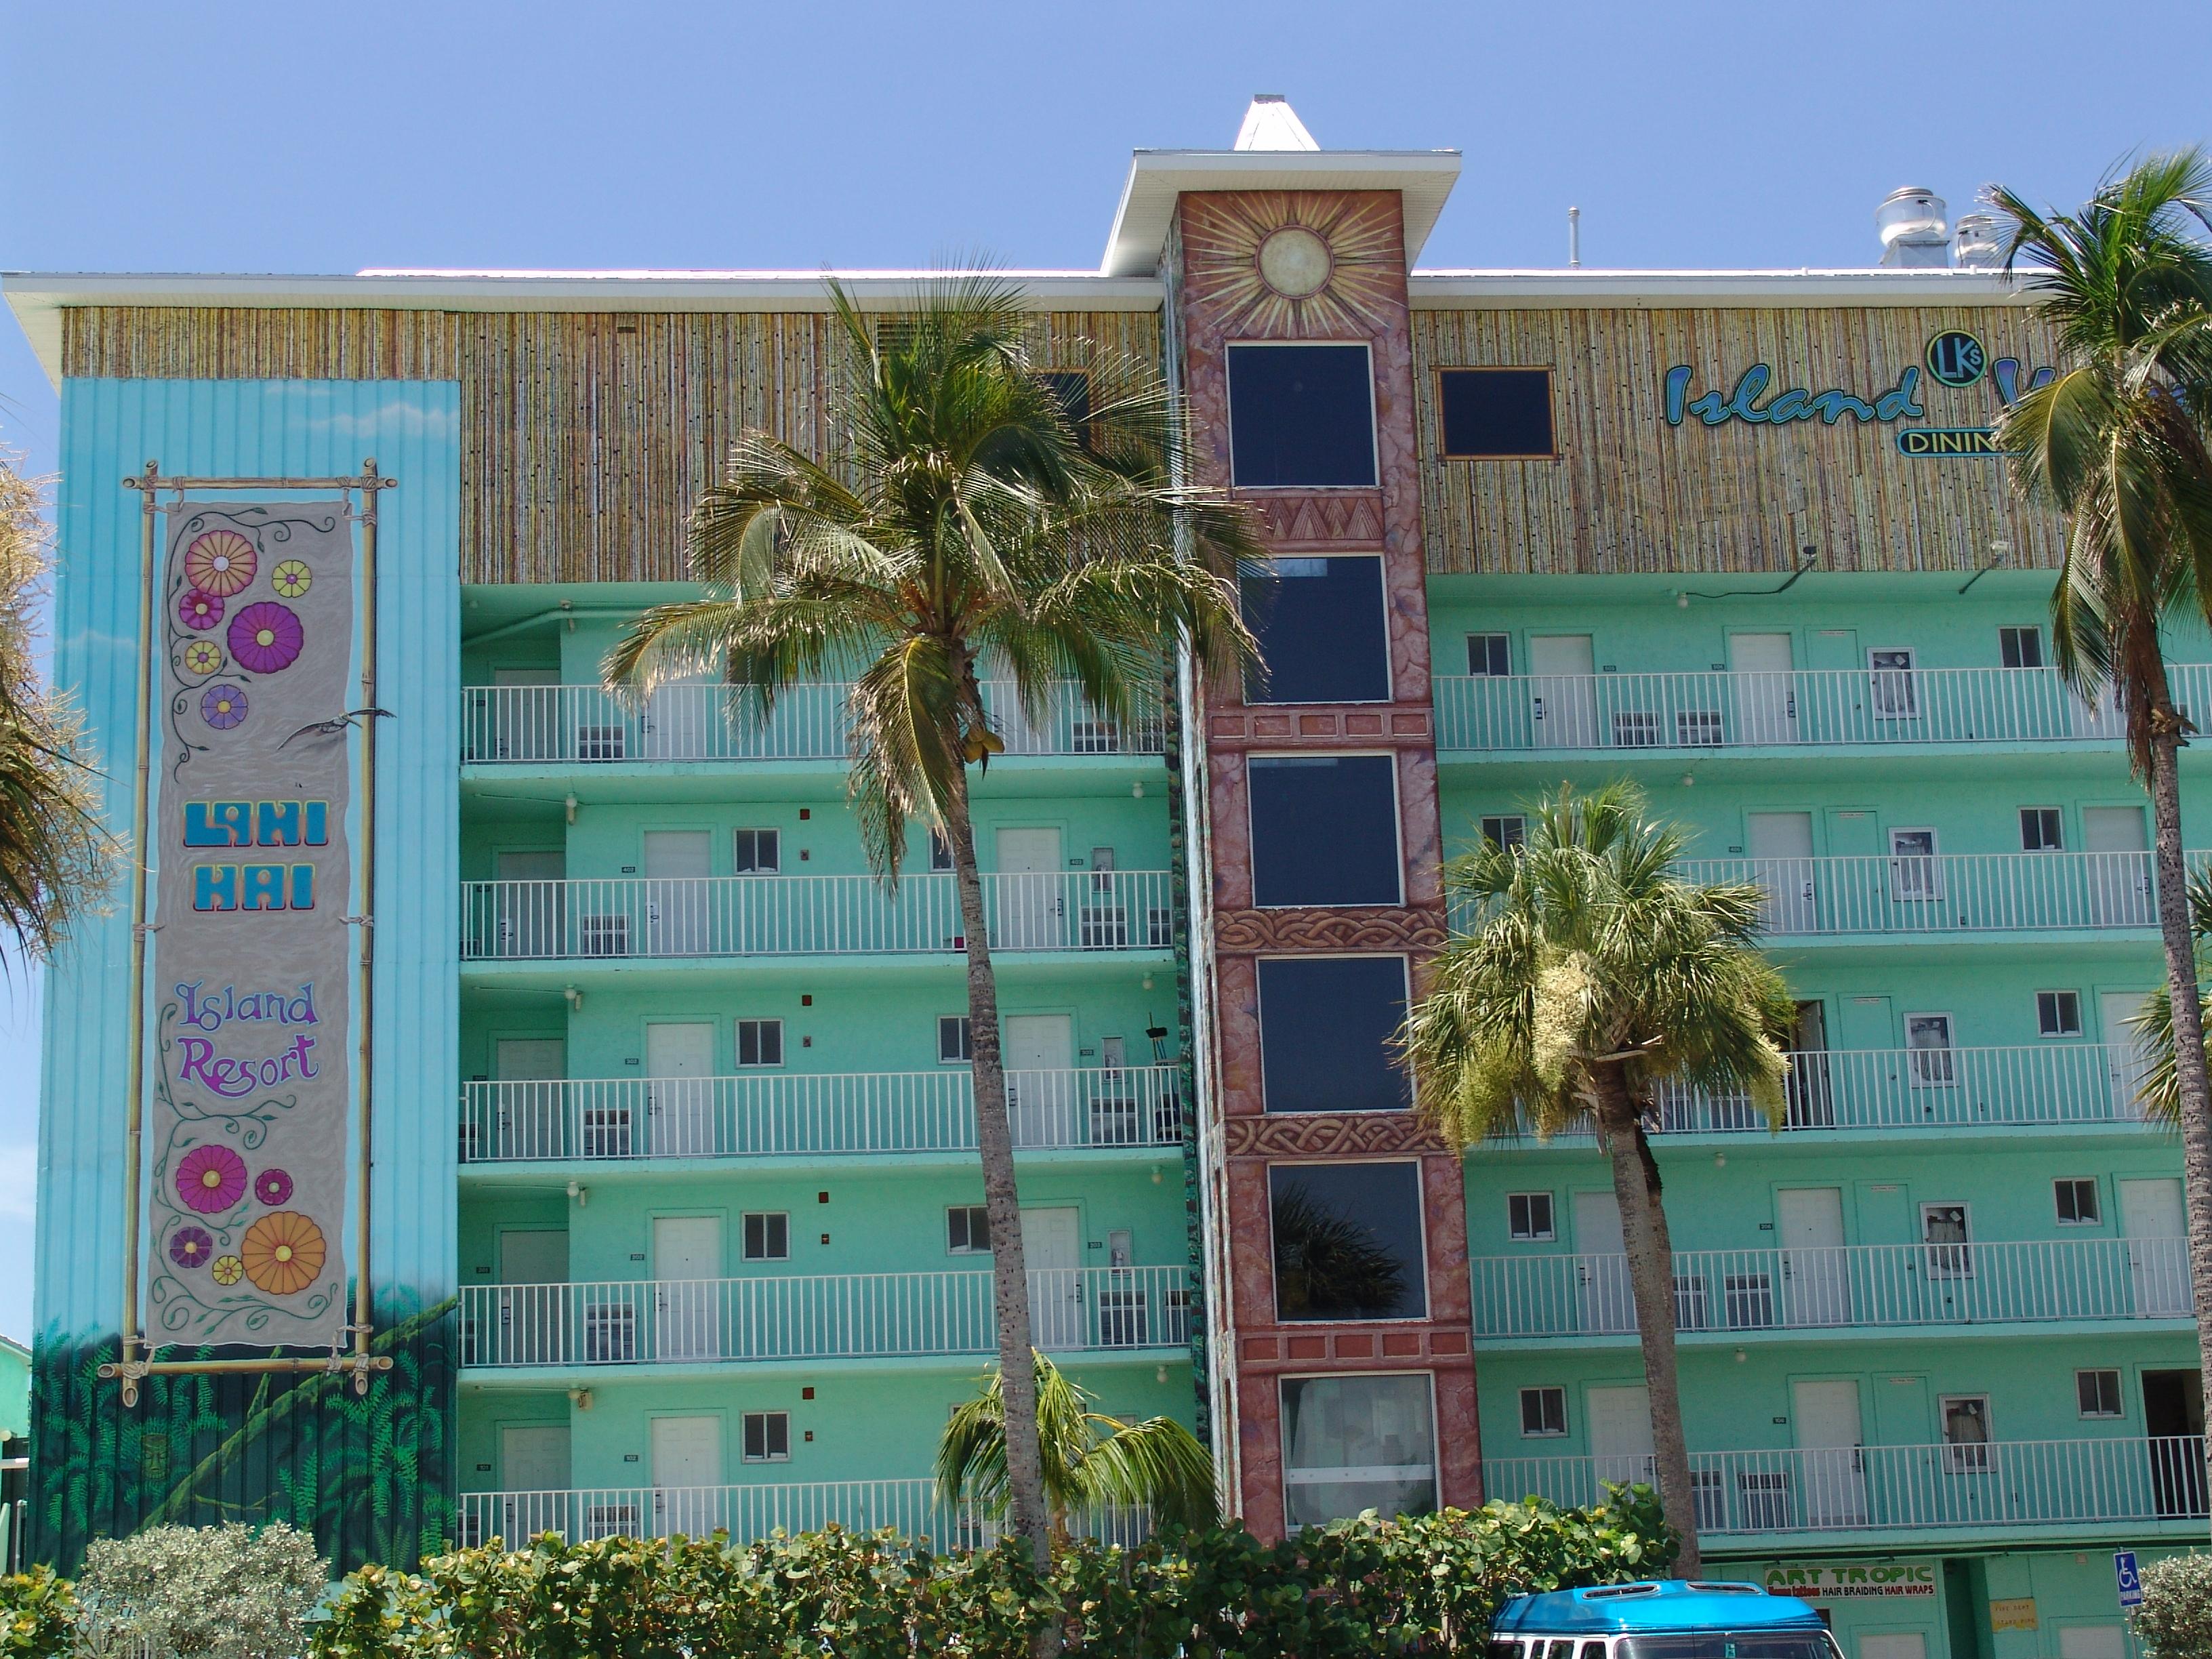 Lani Kai Island Resort Hotel